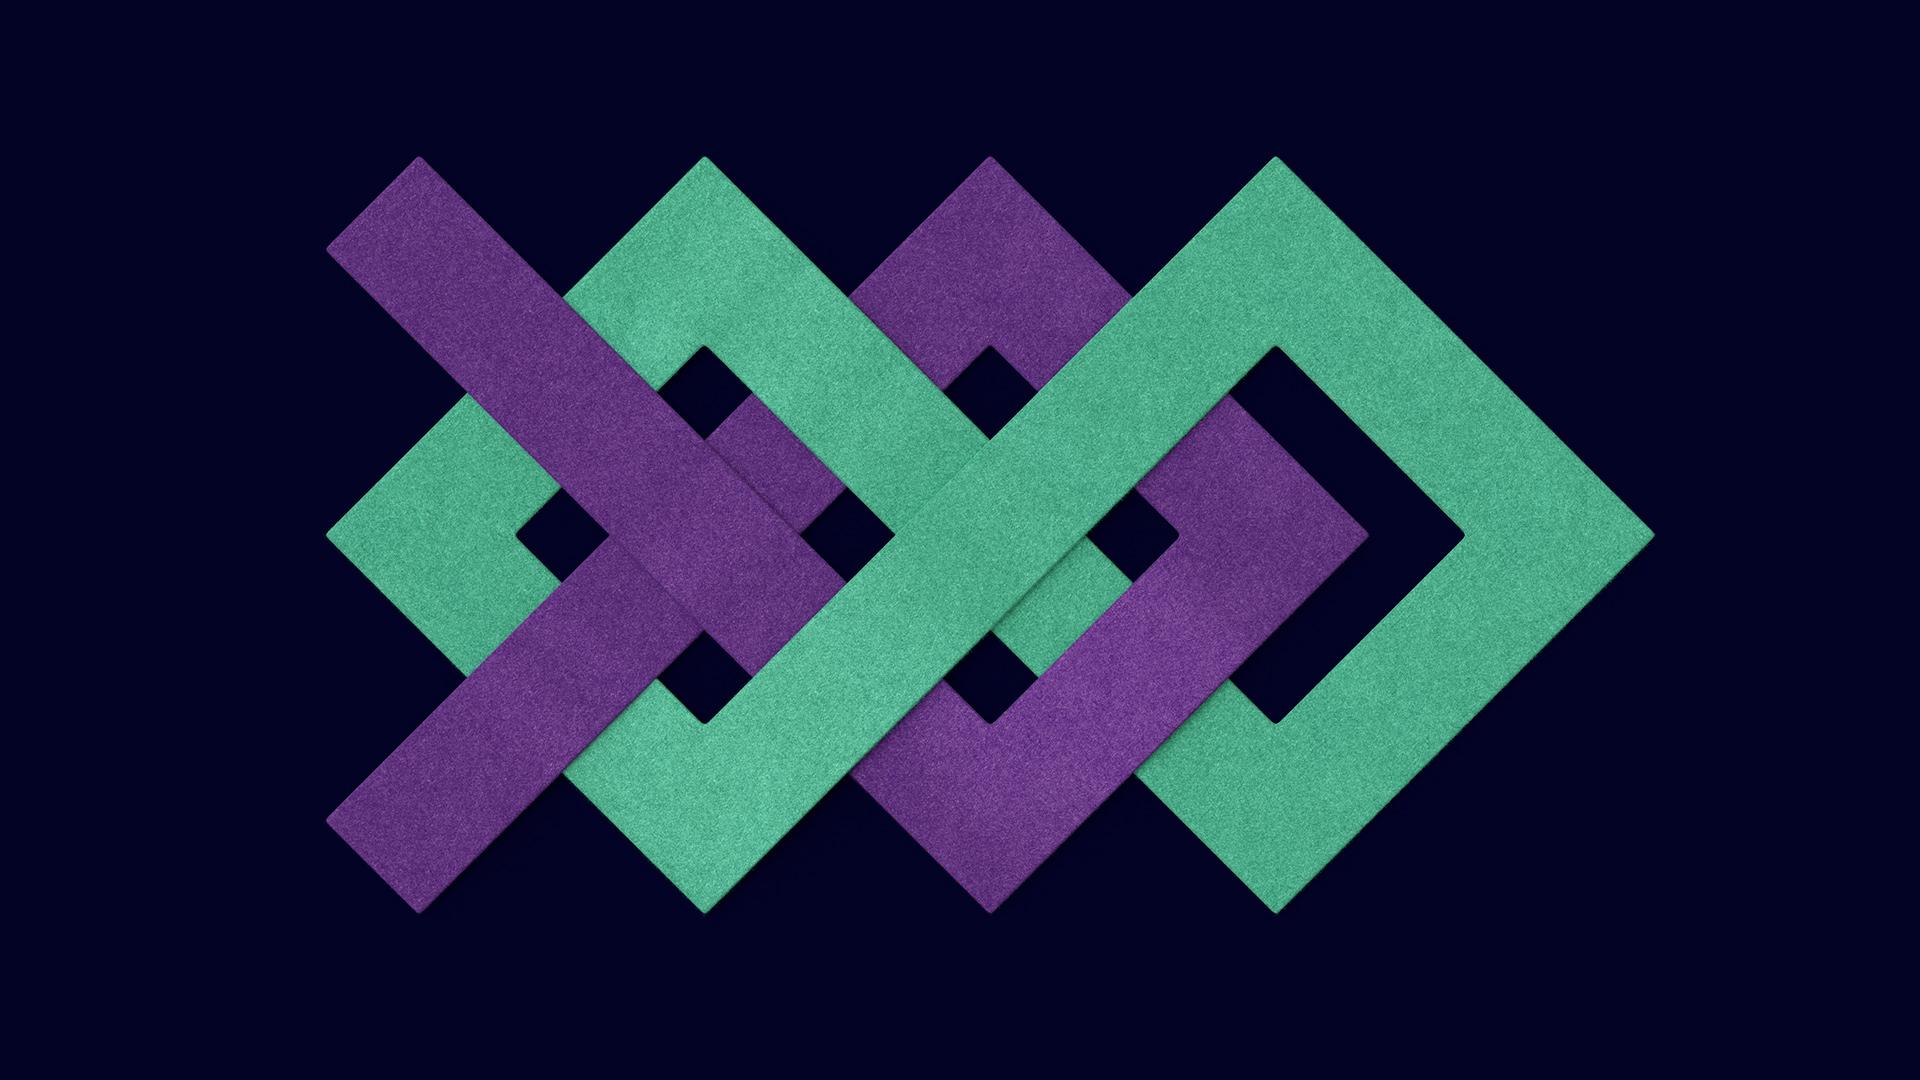 Loom-logo-animation-image-05